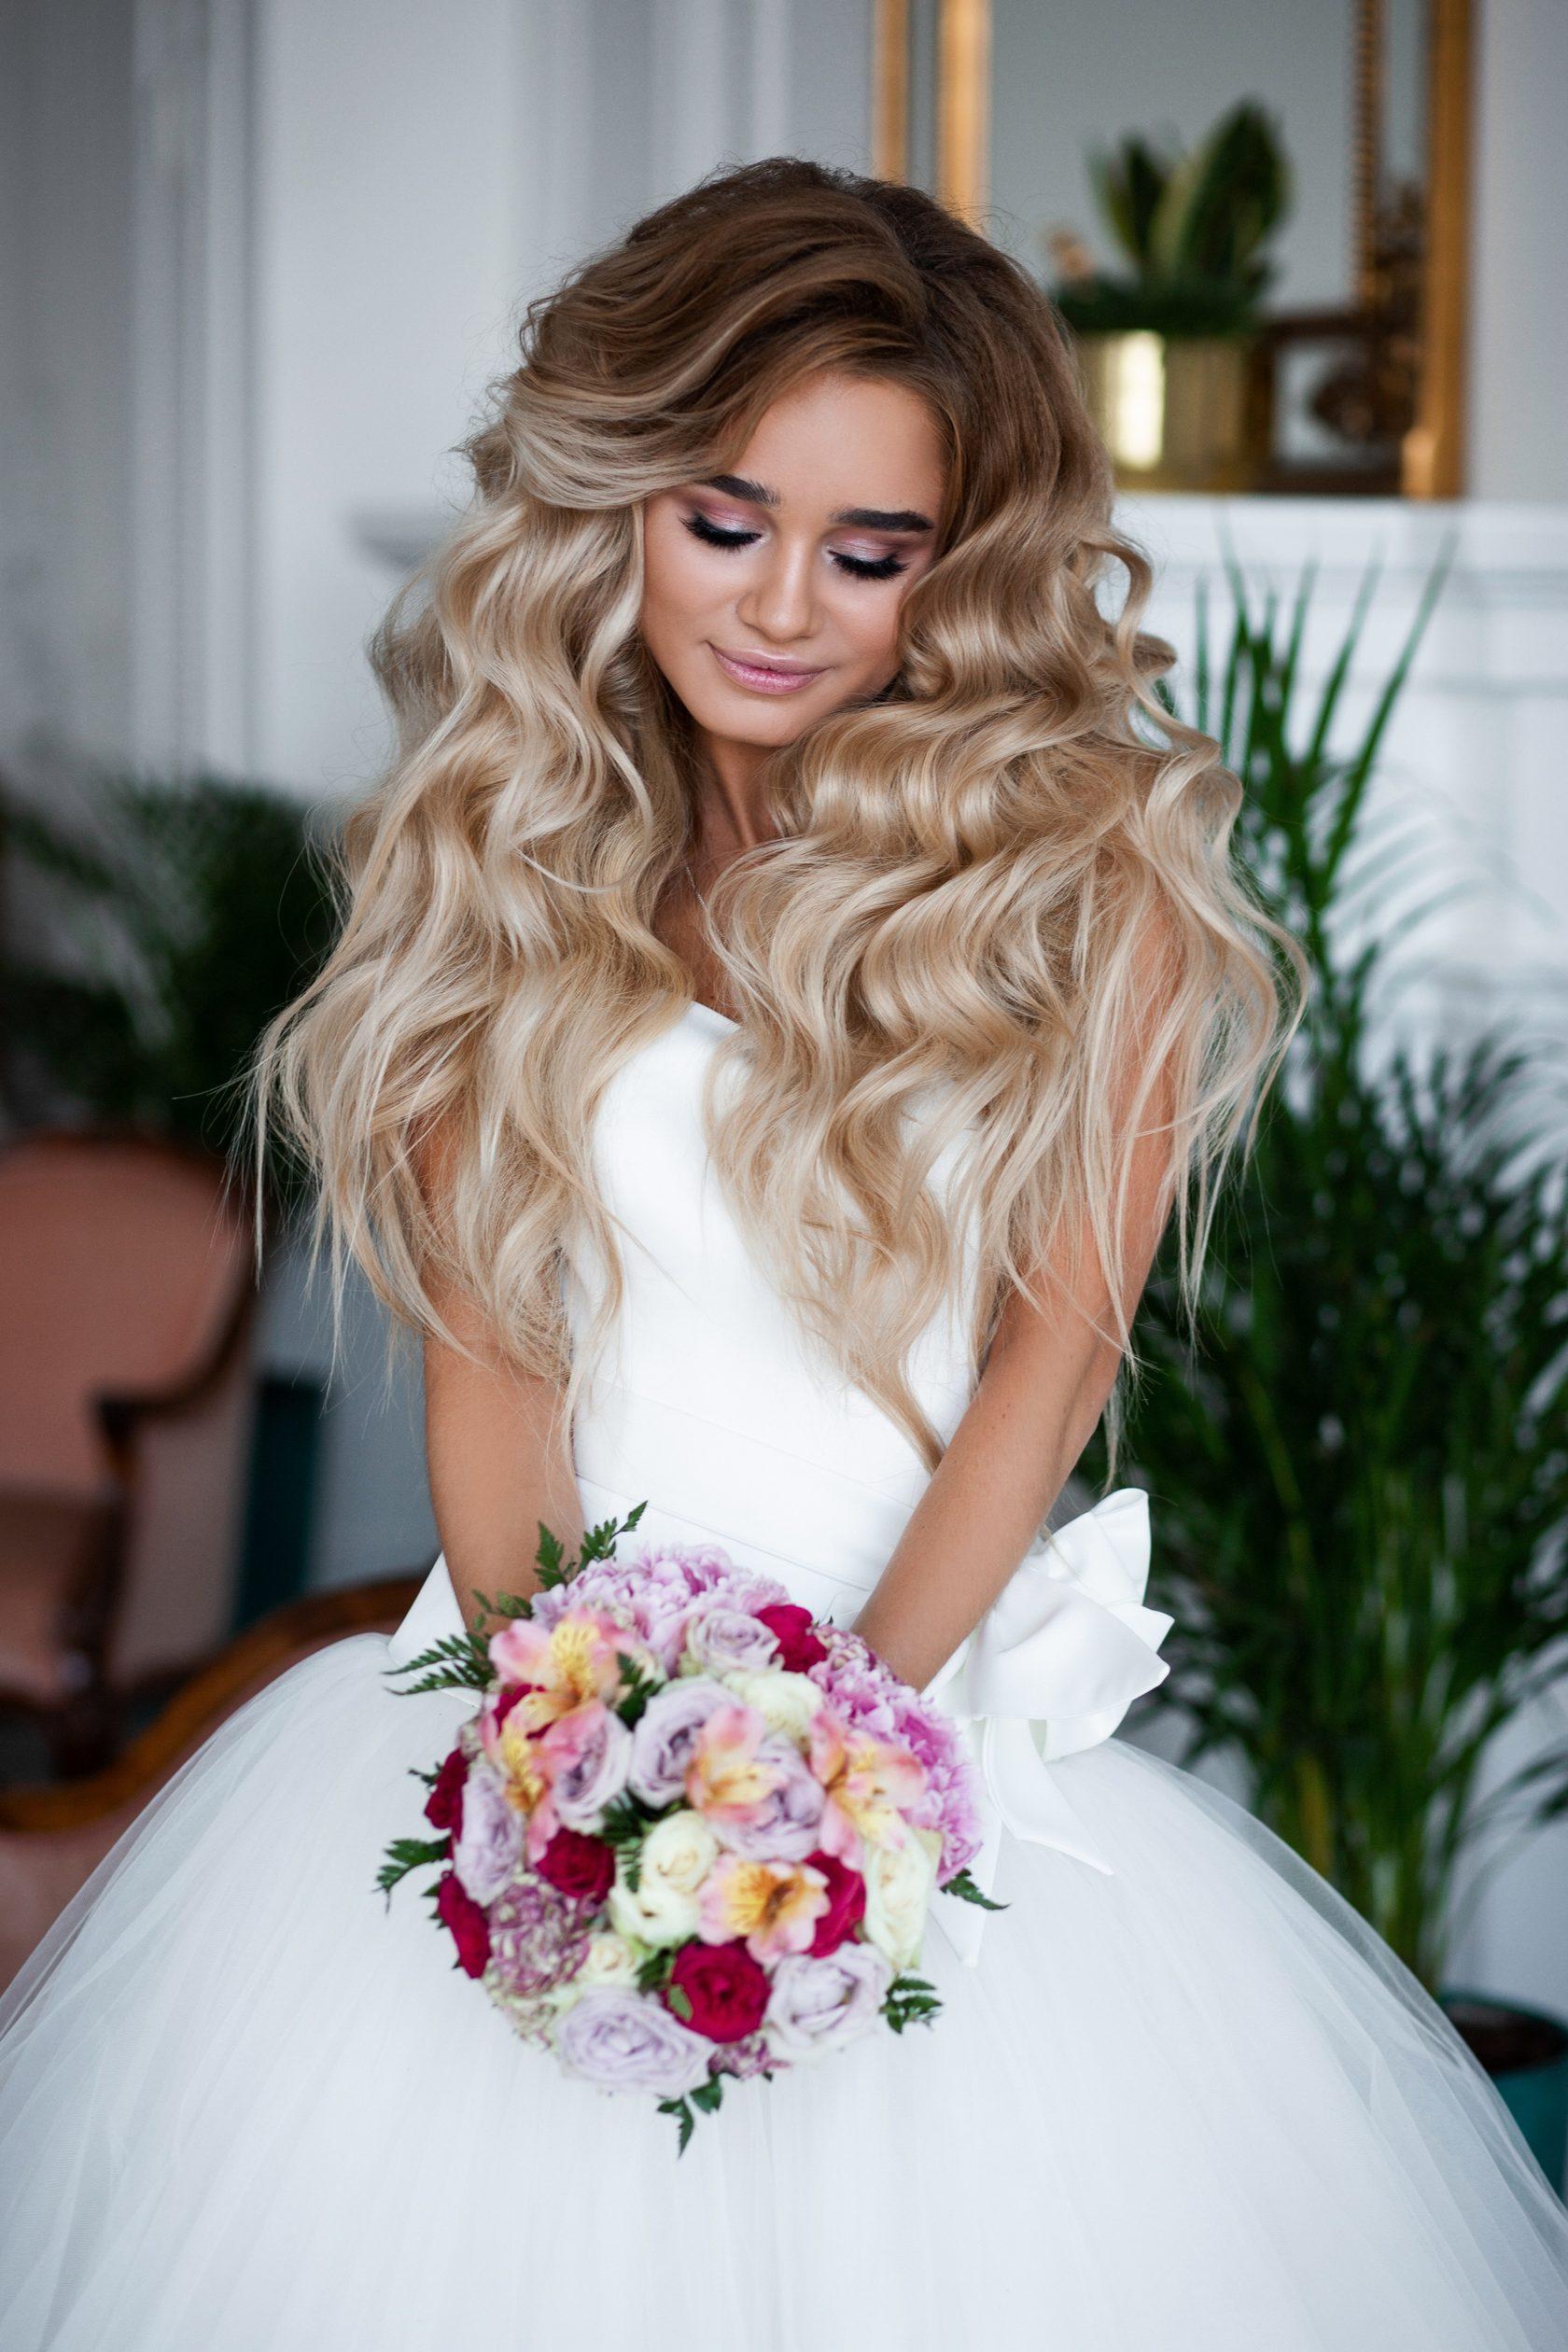 4e9bd0e5272bb12 А бывает, когда картинок в подборке много - и все они разные. Здесь уже  стилист может сам подсказать нужный вариант с учетом силуэта платья, самой  невесты.